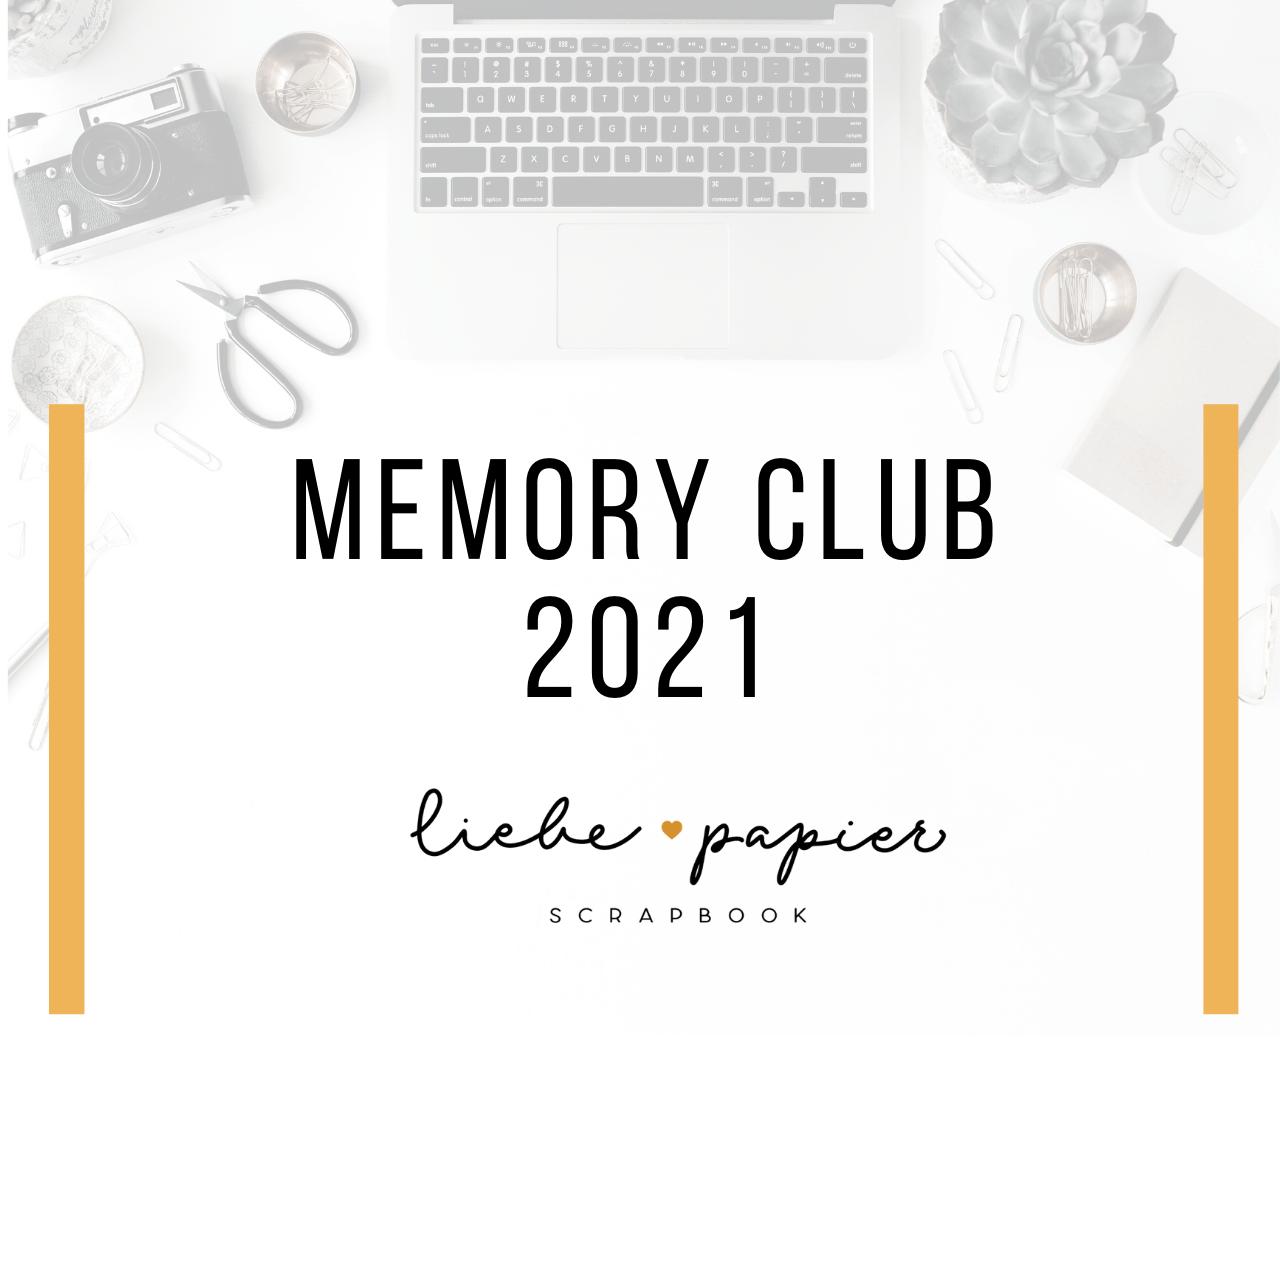 Memory Club 2021